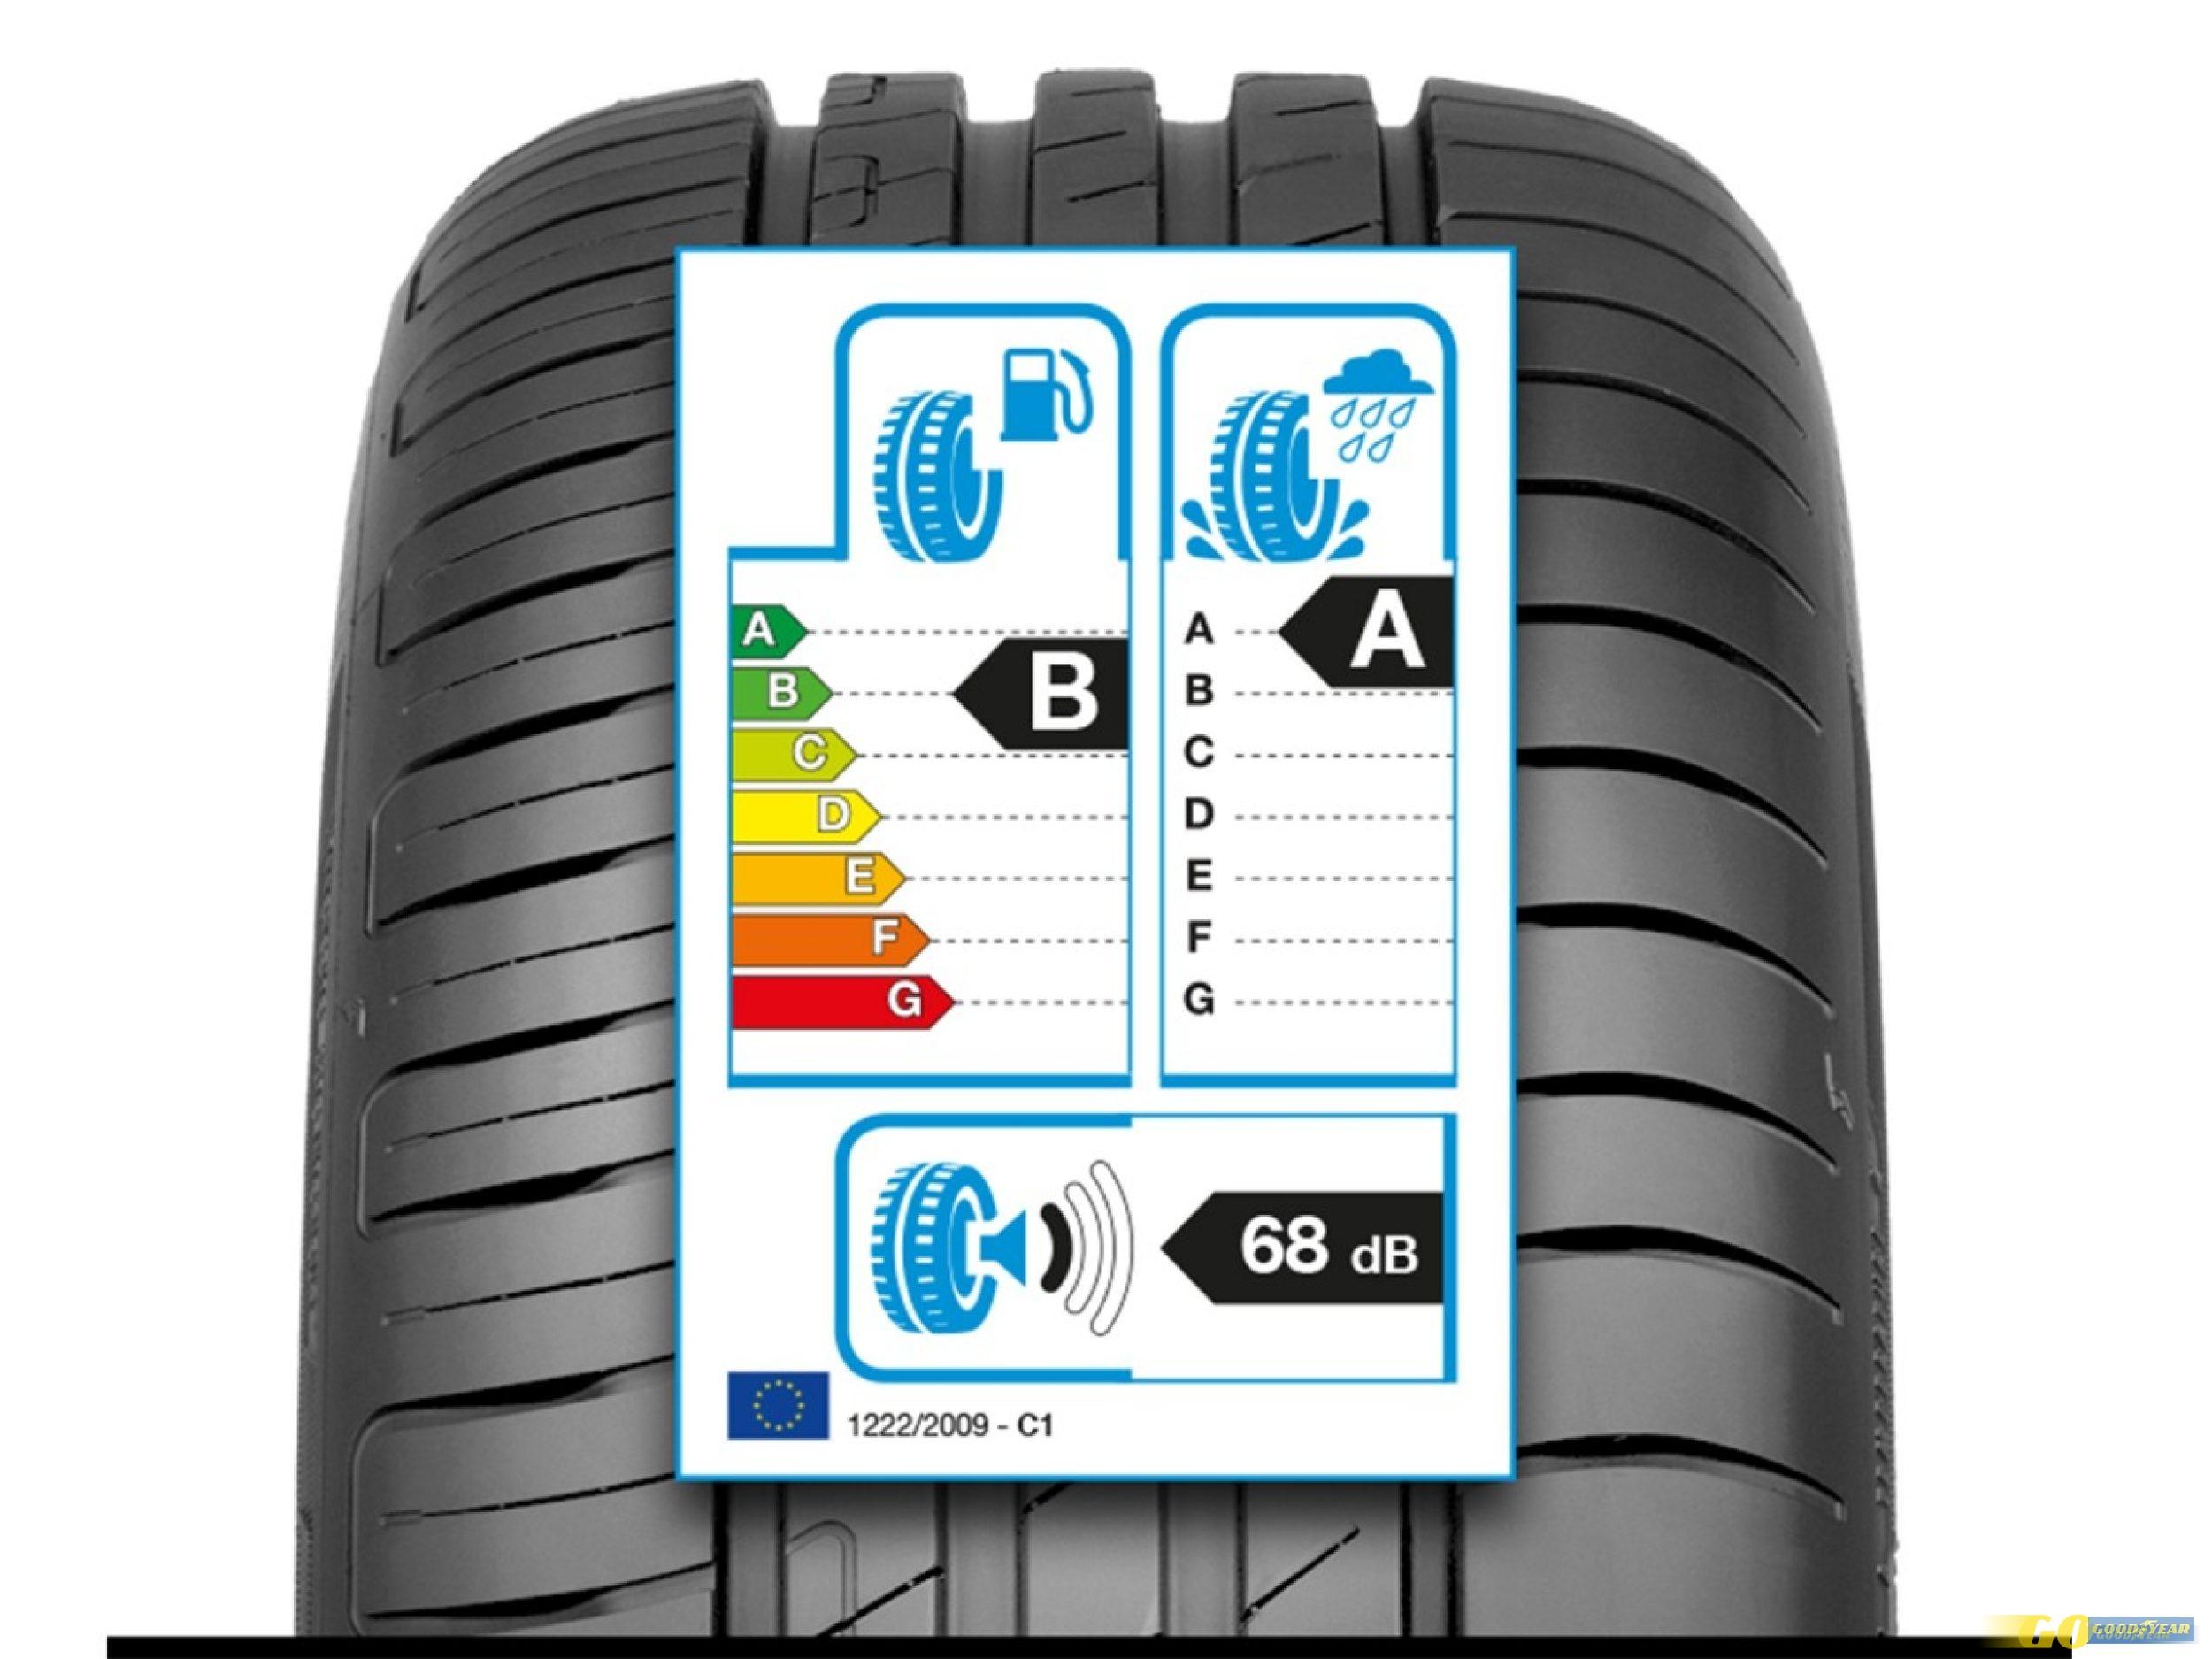 Eficiência energética: o que muda para os pneus com etiqueta F